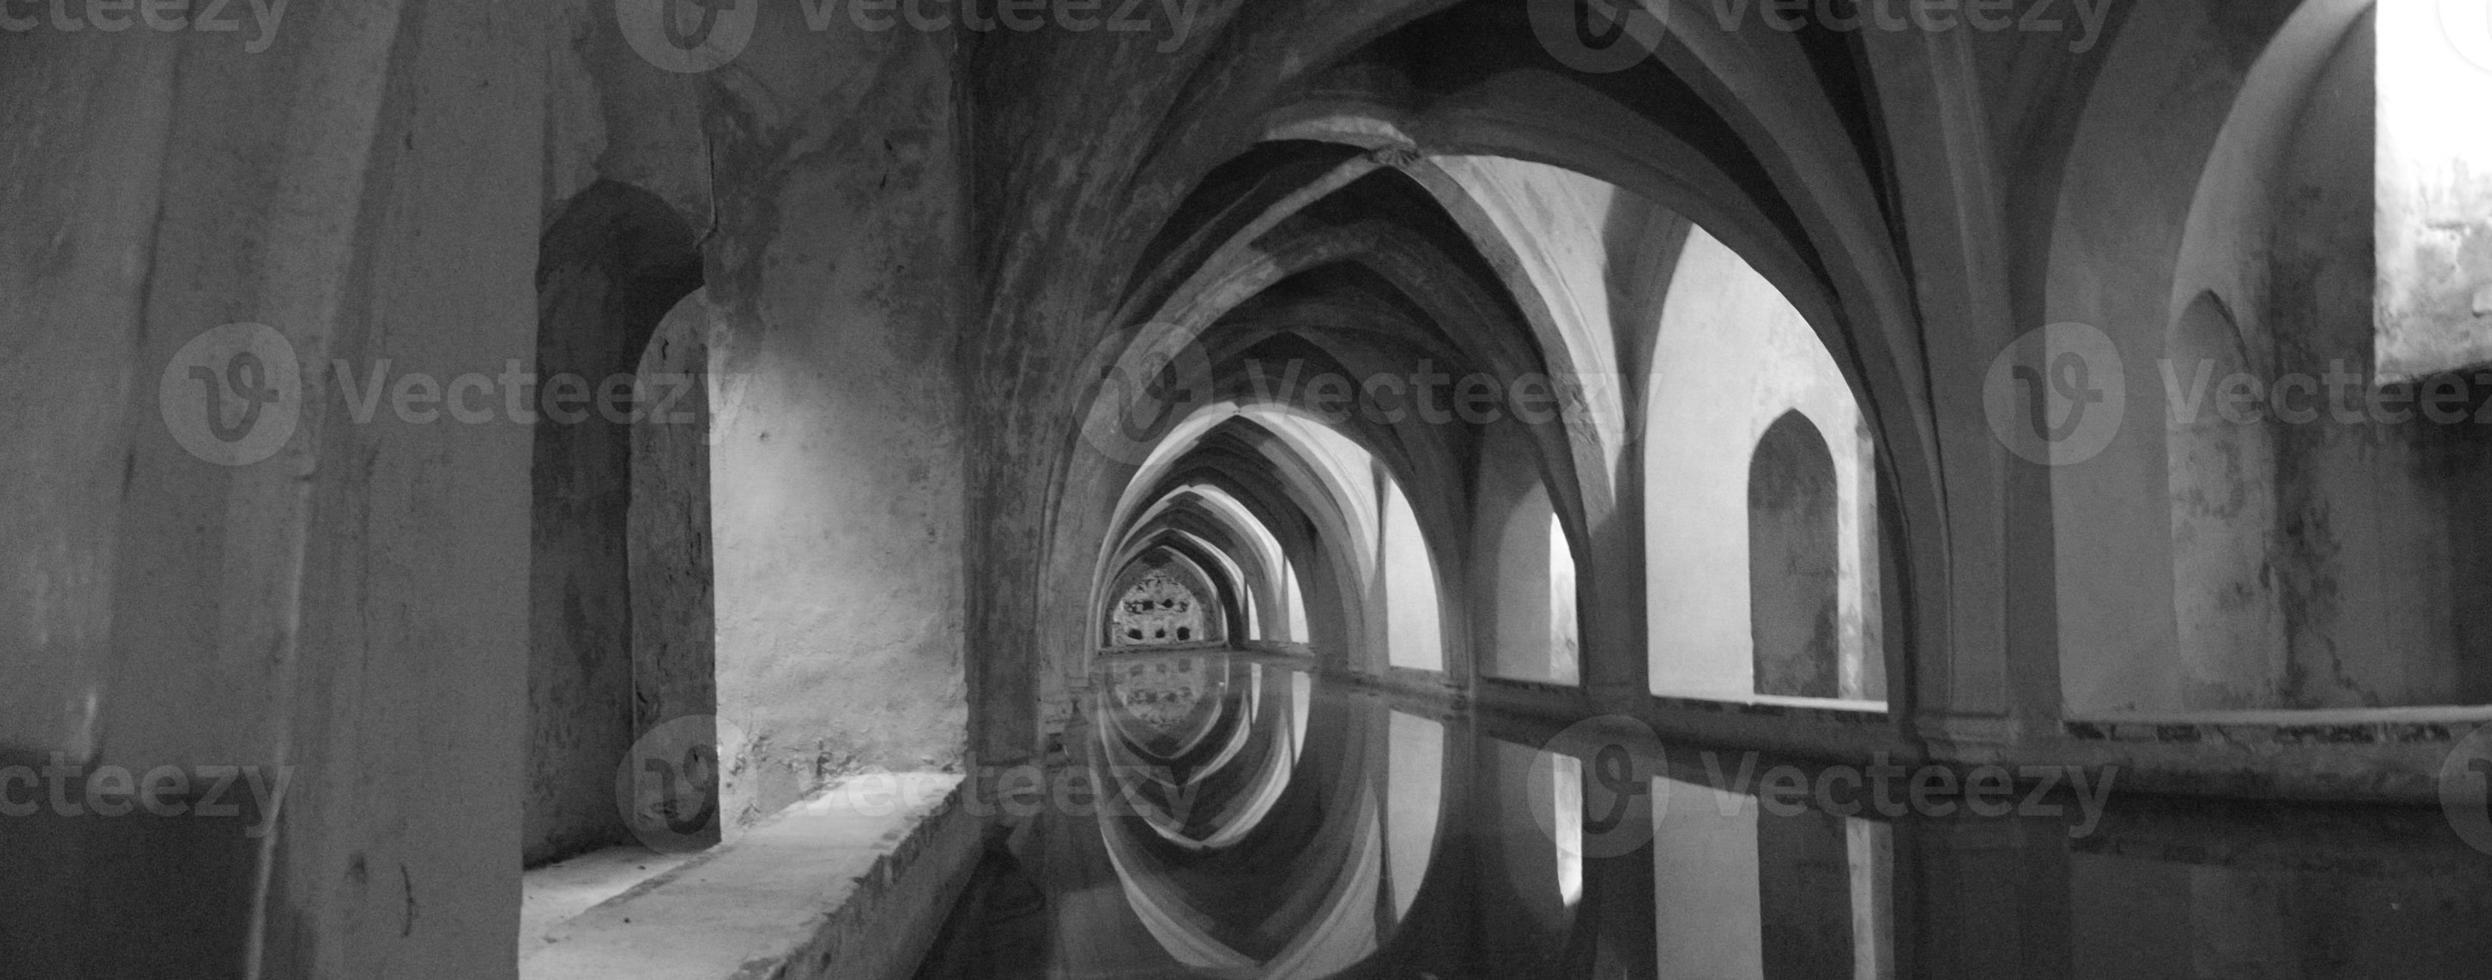 banho árabe preto e branco foto